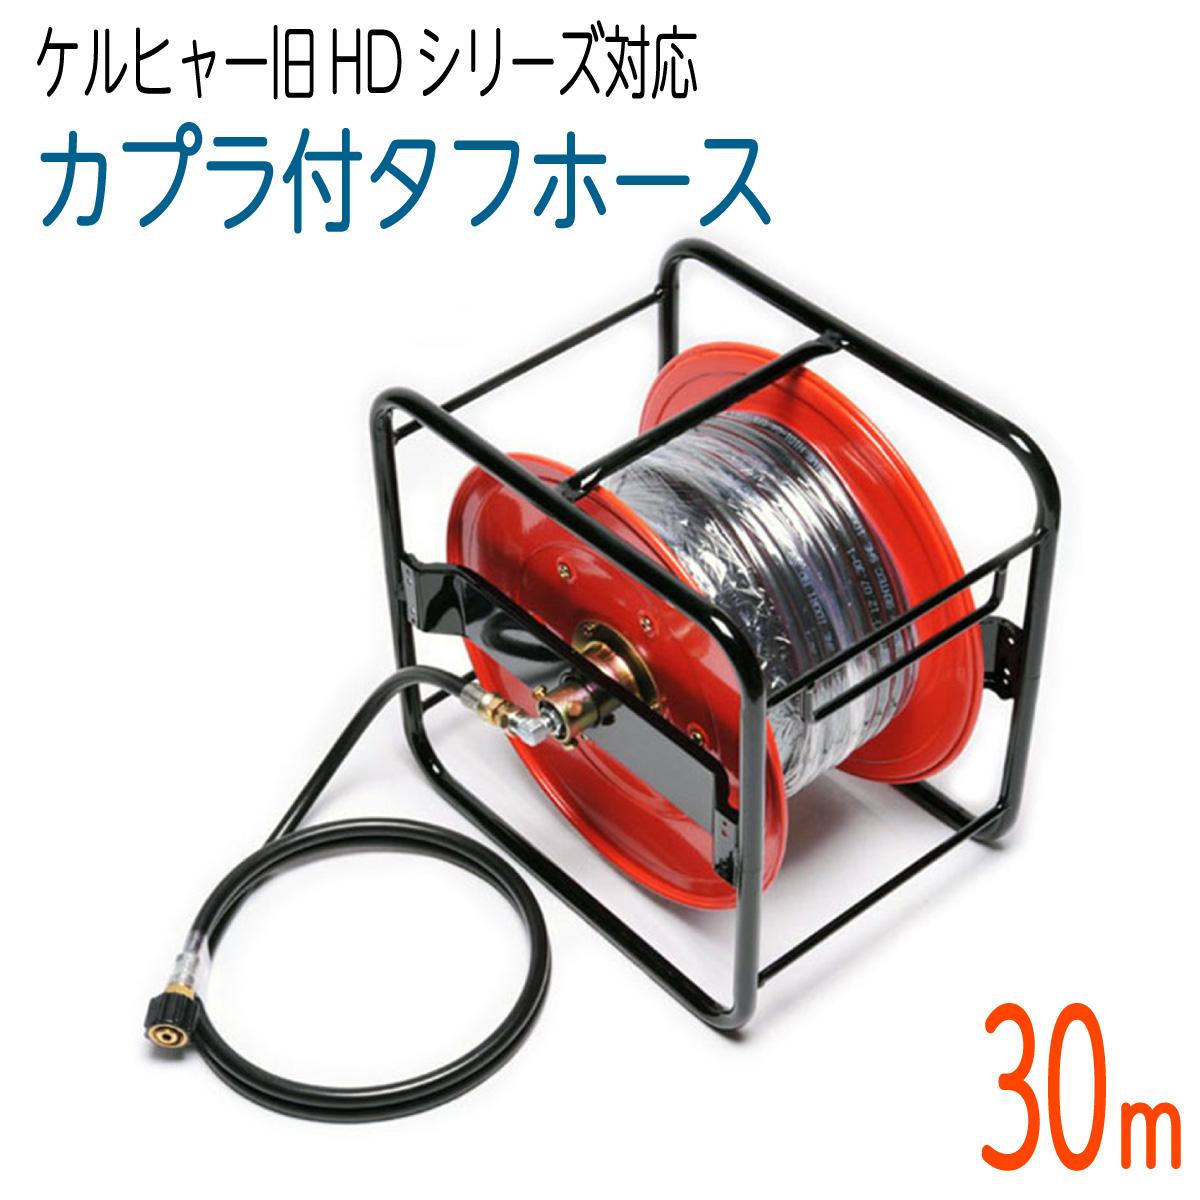 【30Mリール巻き】 ケルヒャーHDシリーズ互換両端メス金具 高圧洗浄機ホース タフホース